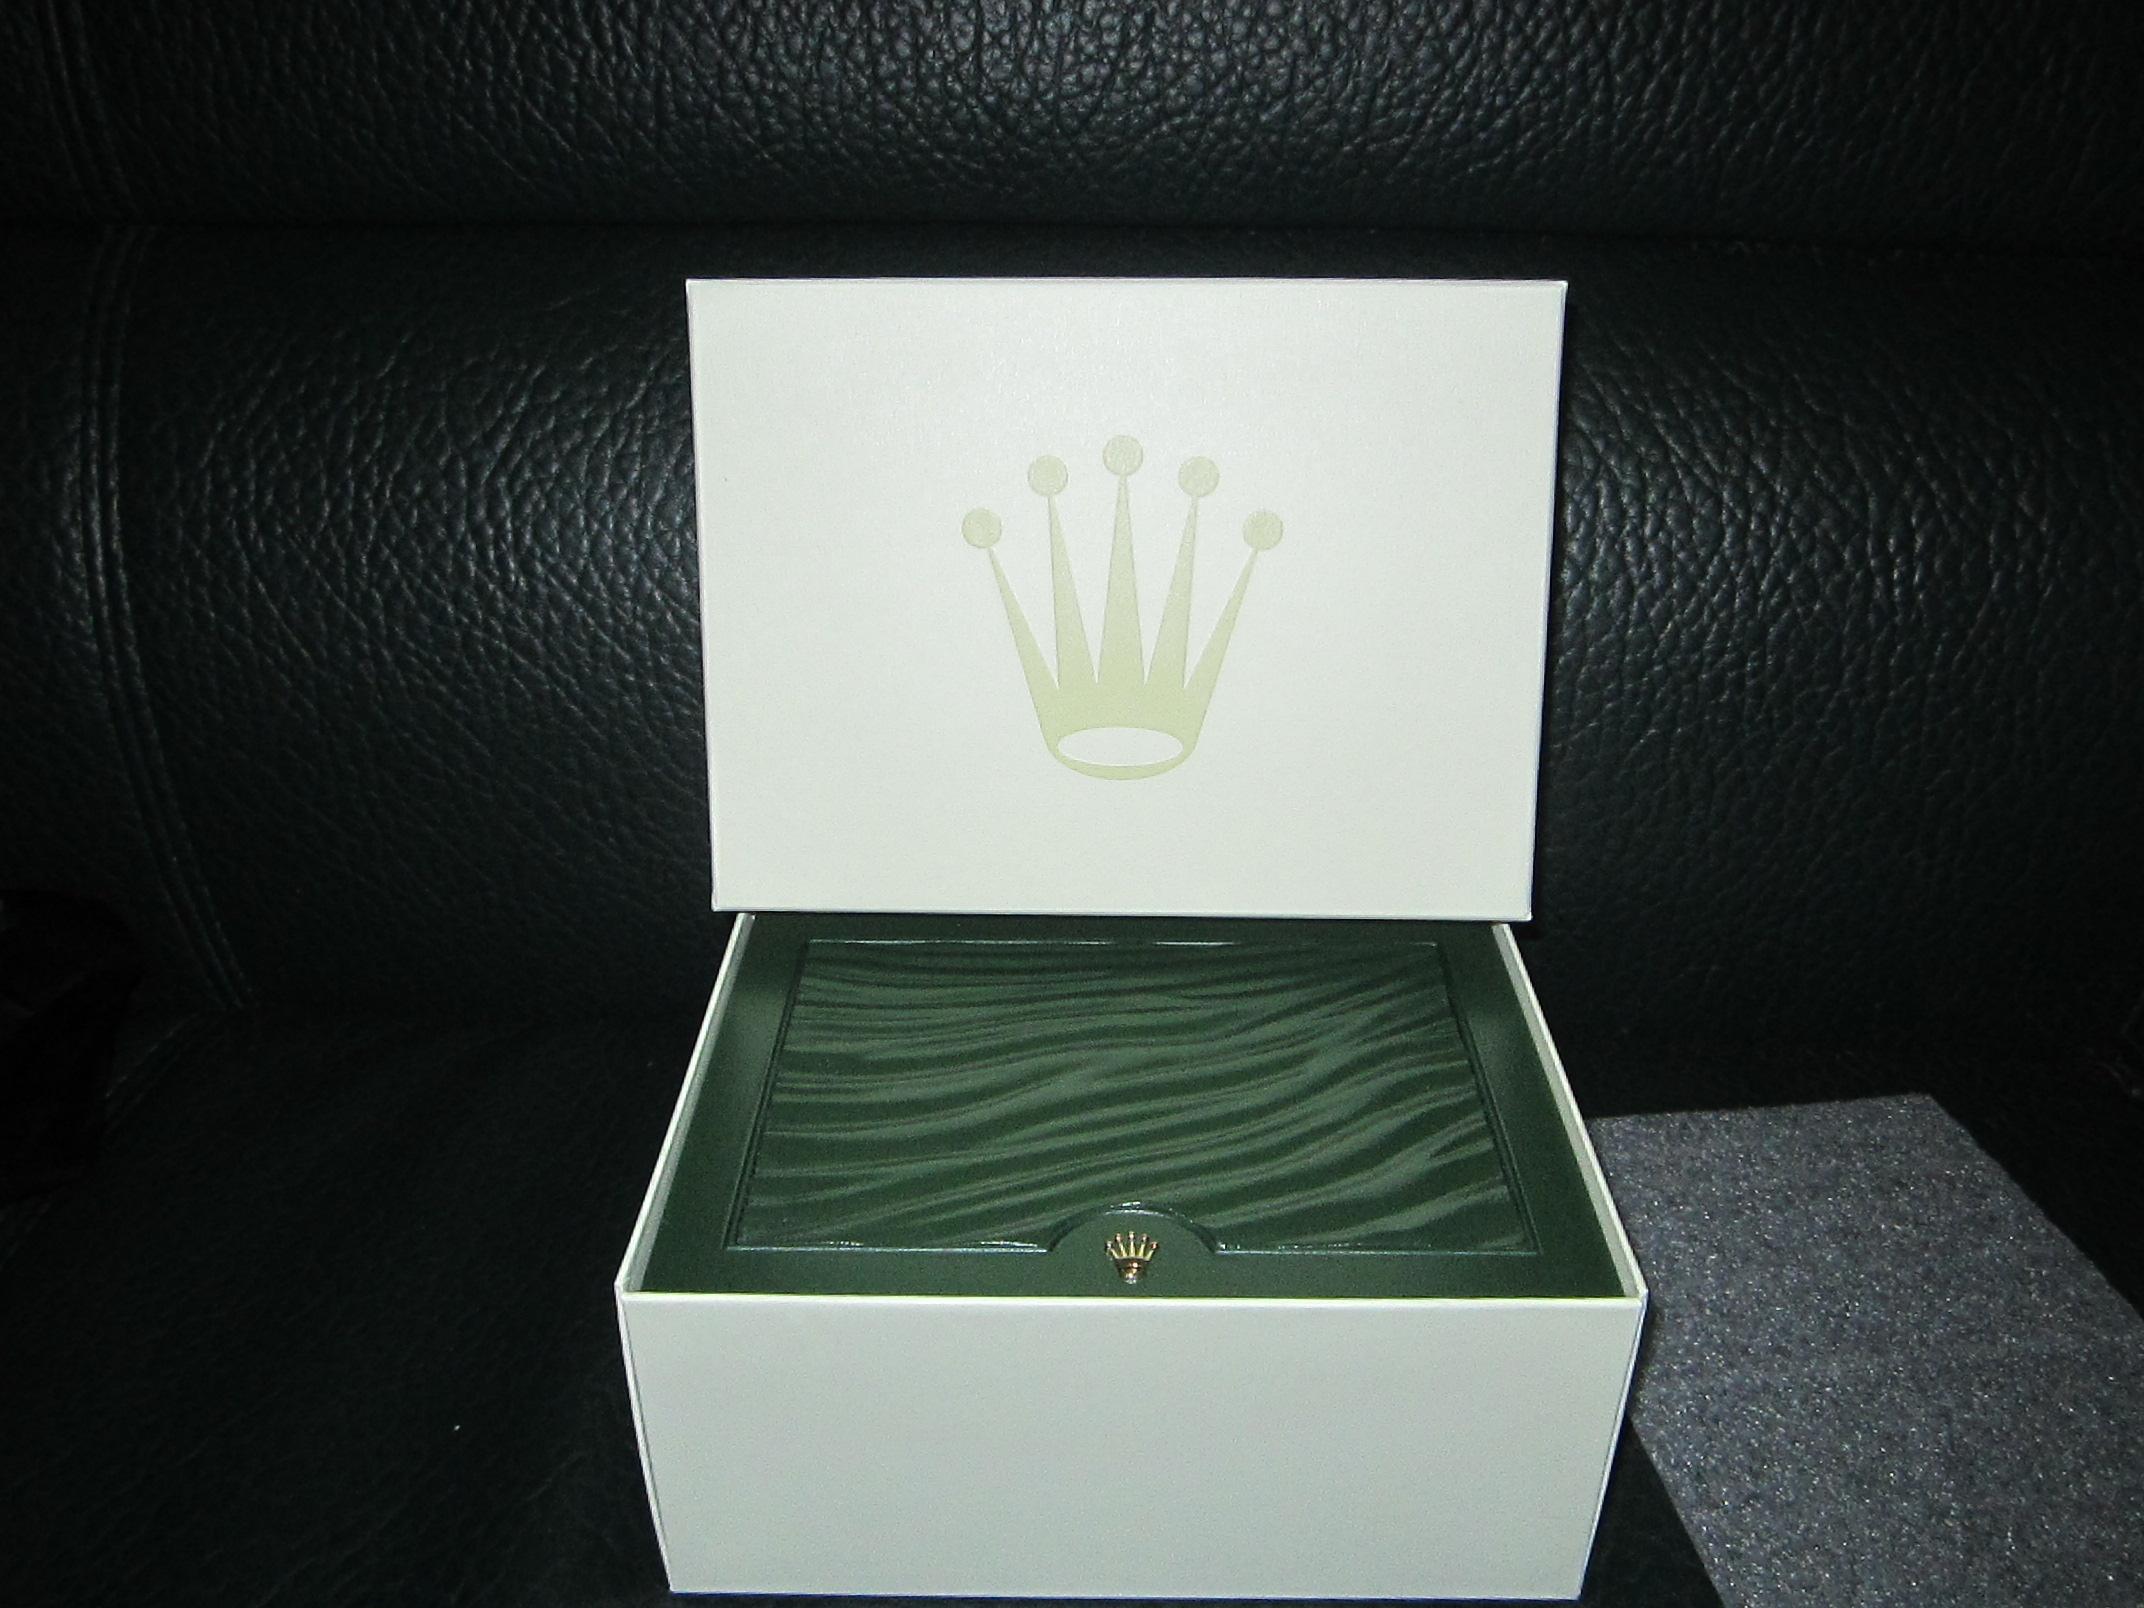 劳力士手表盒欣赏 劳力士手表盒的收藏价值